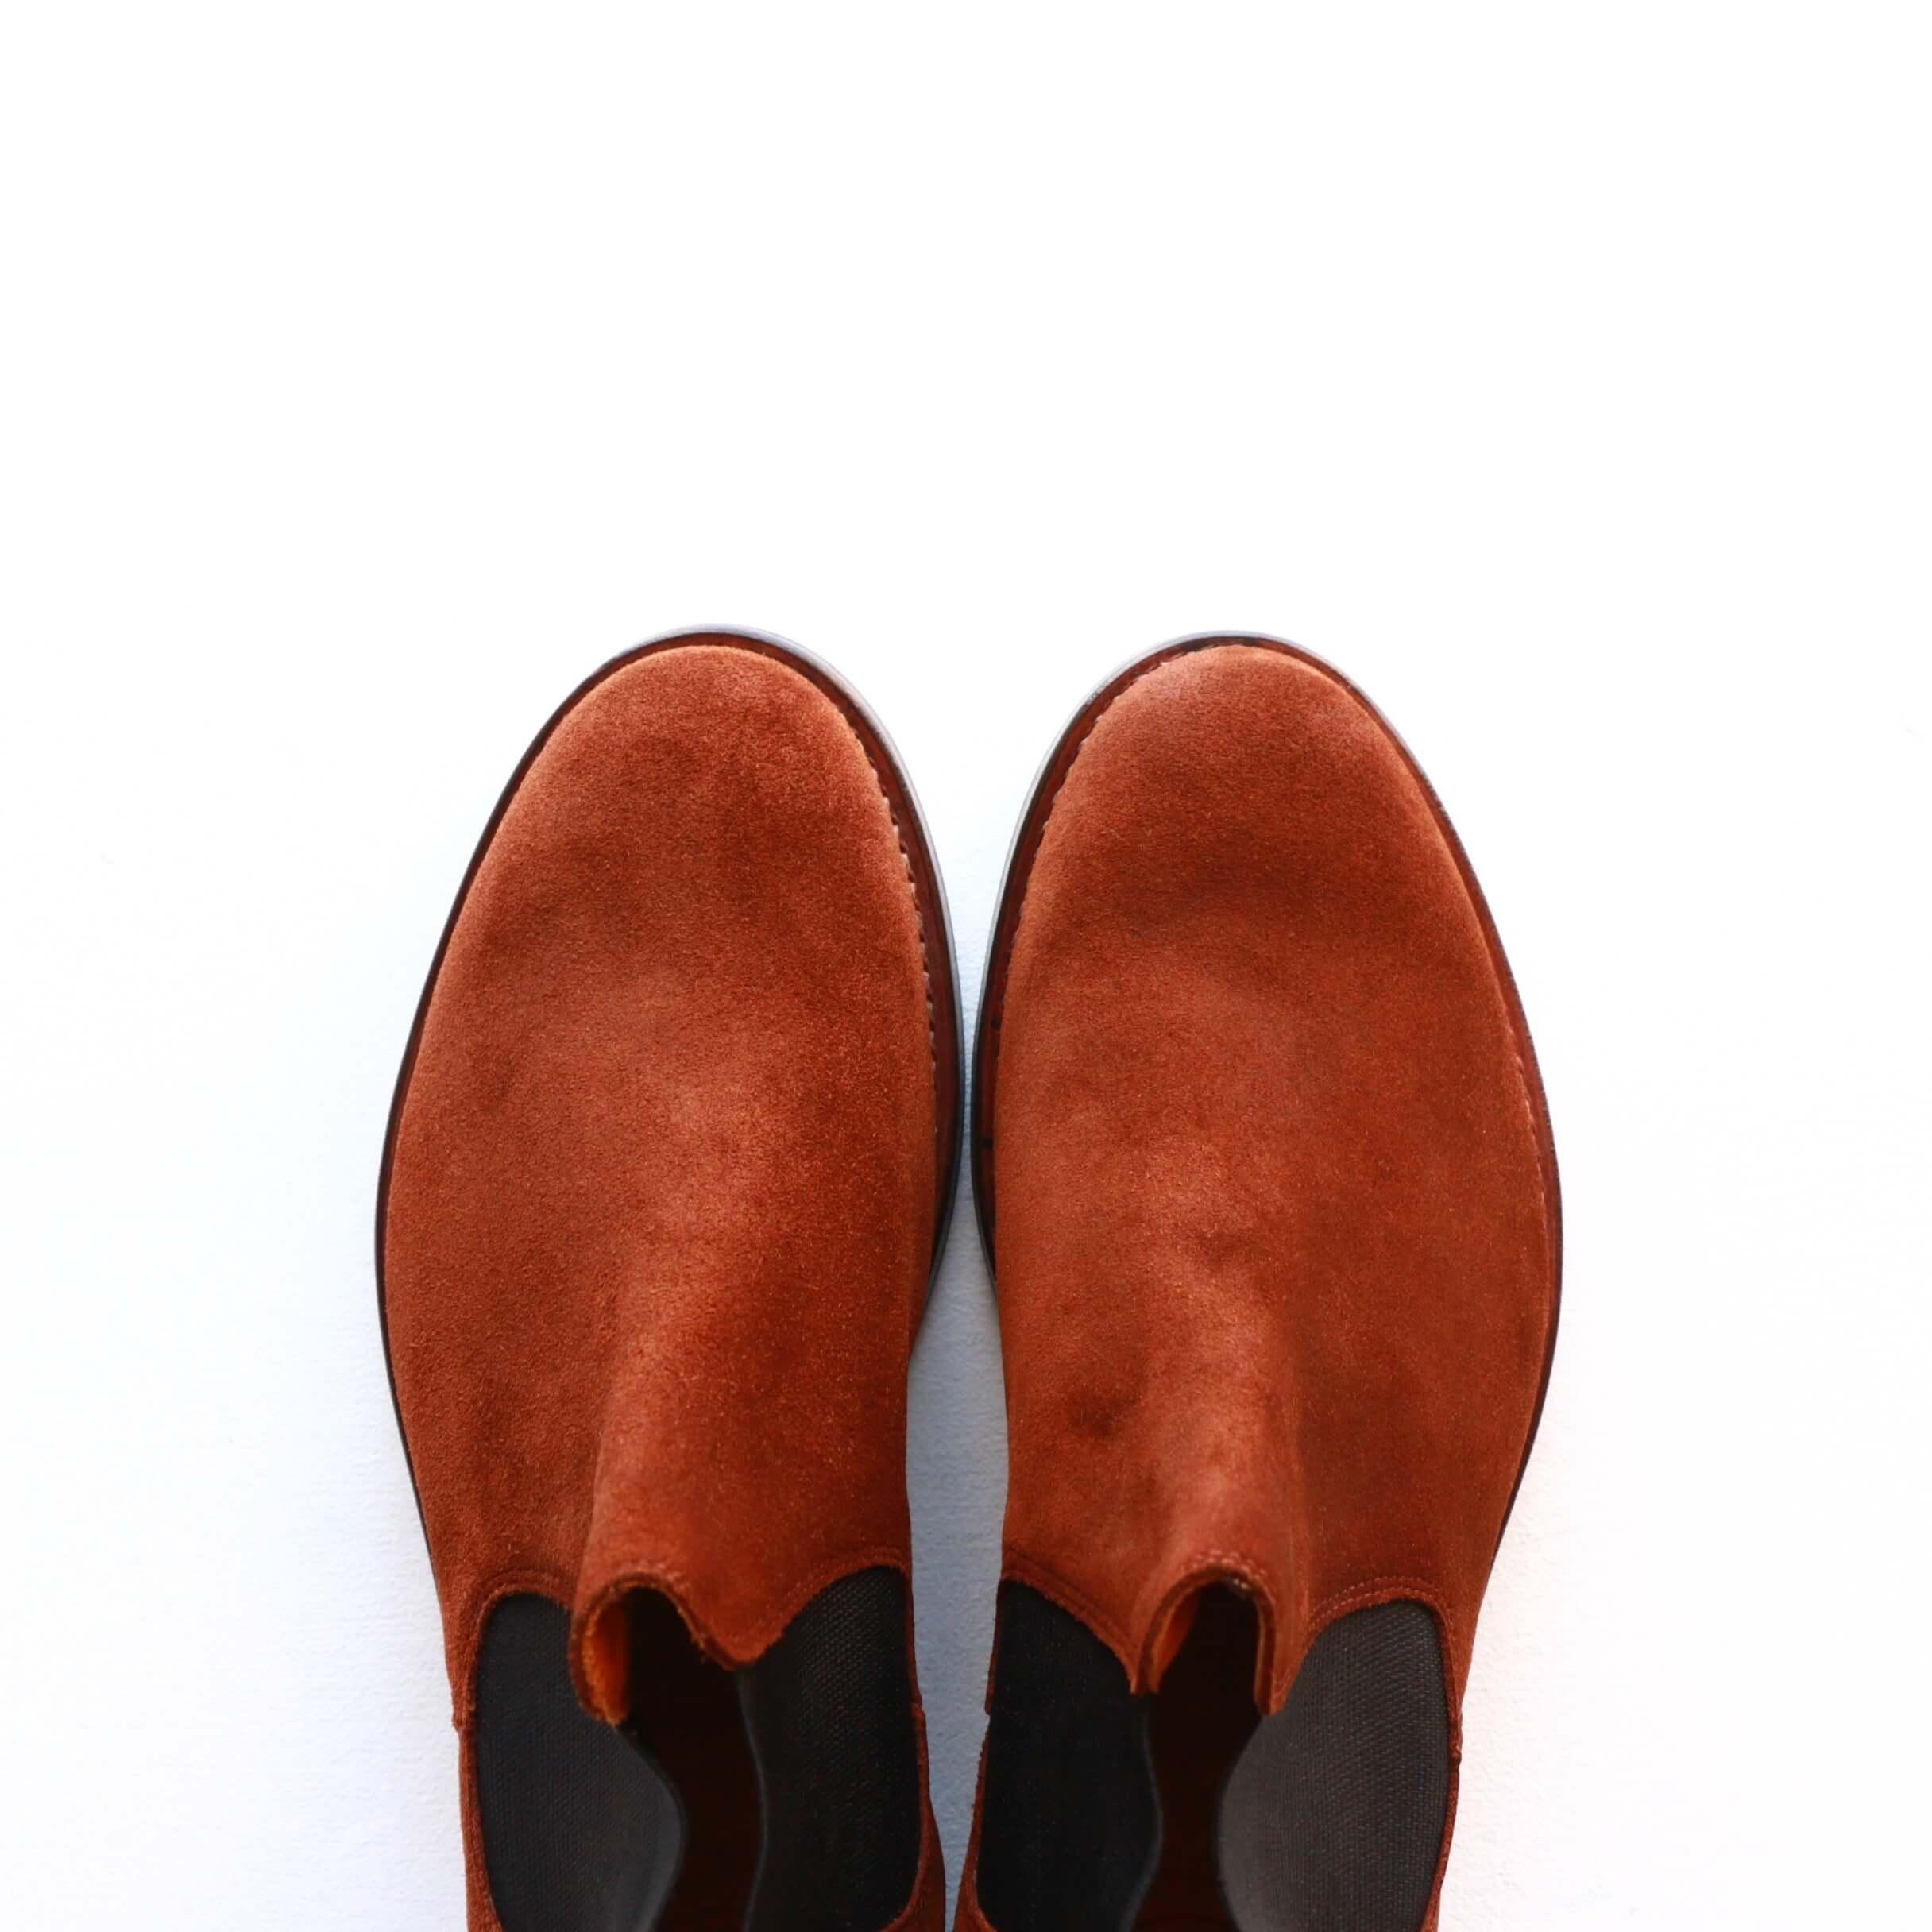 WHEEL ROBE ウィールローブ ELASTIC SIDE BOOTS Charles F.Stead Suede models Last #1228 エラスティックサイドゴアブーツ OLD SNUFF